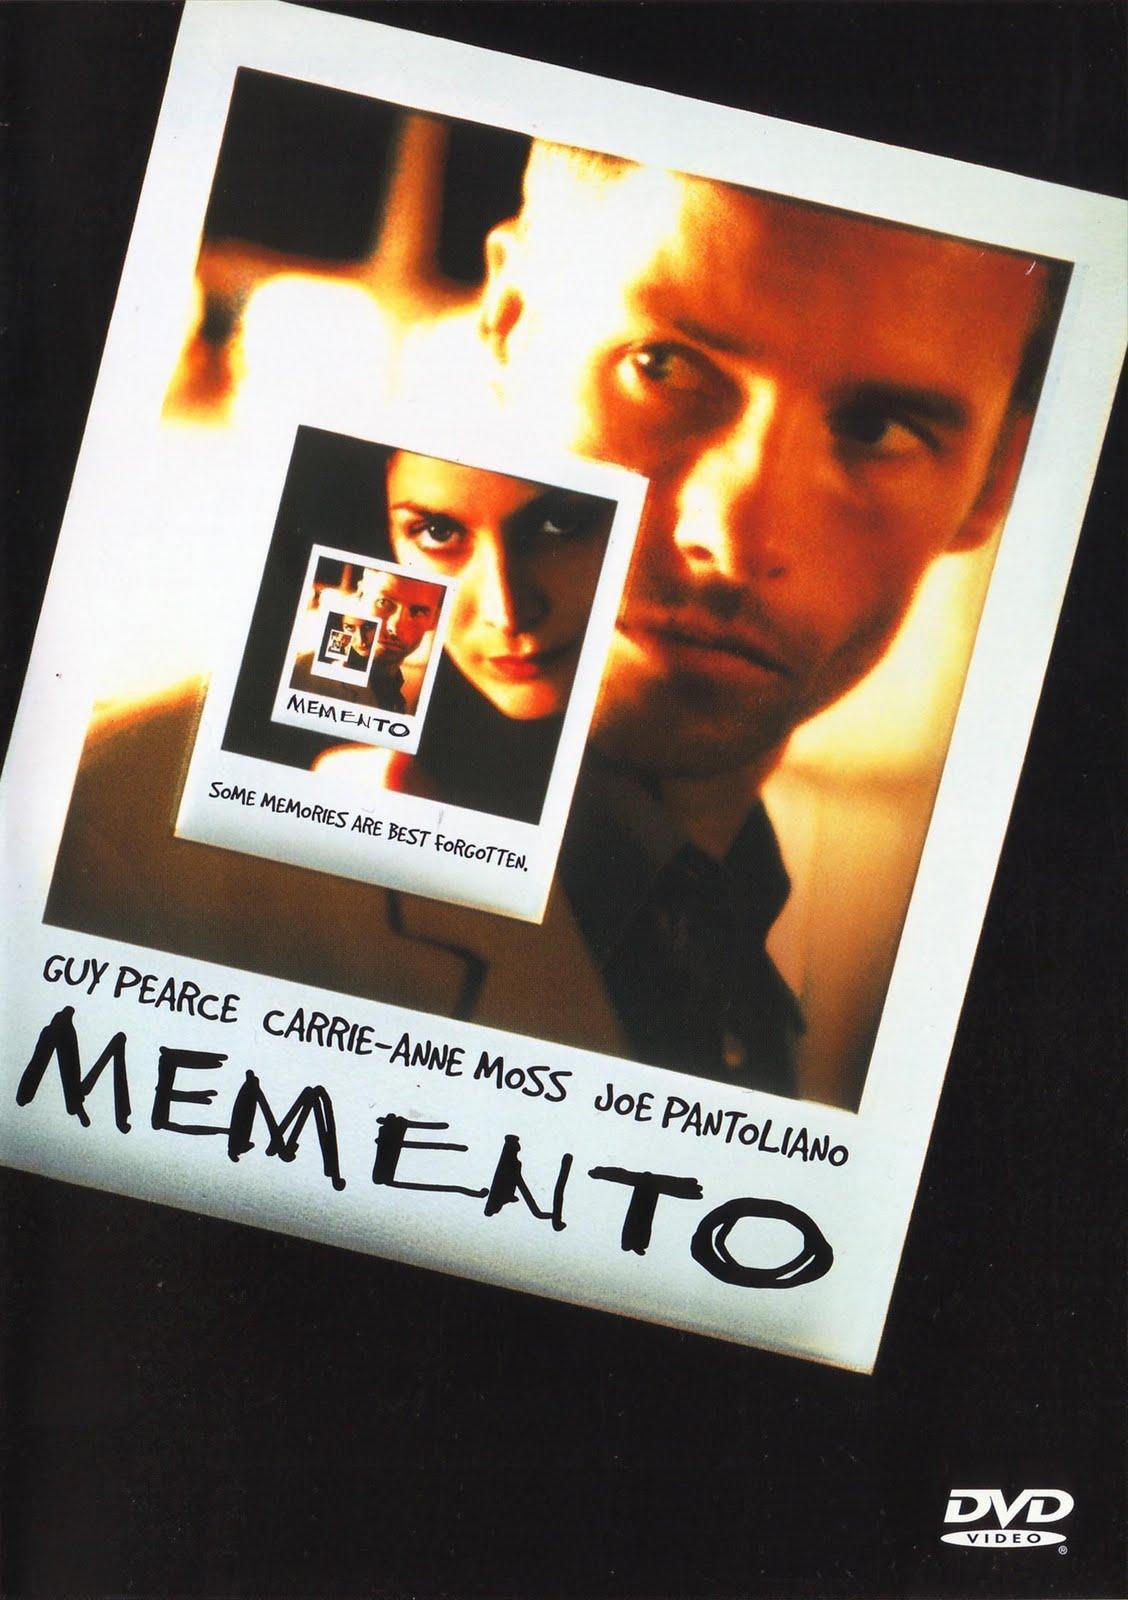 Memento (2000) #03